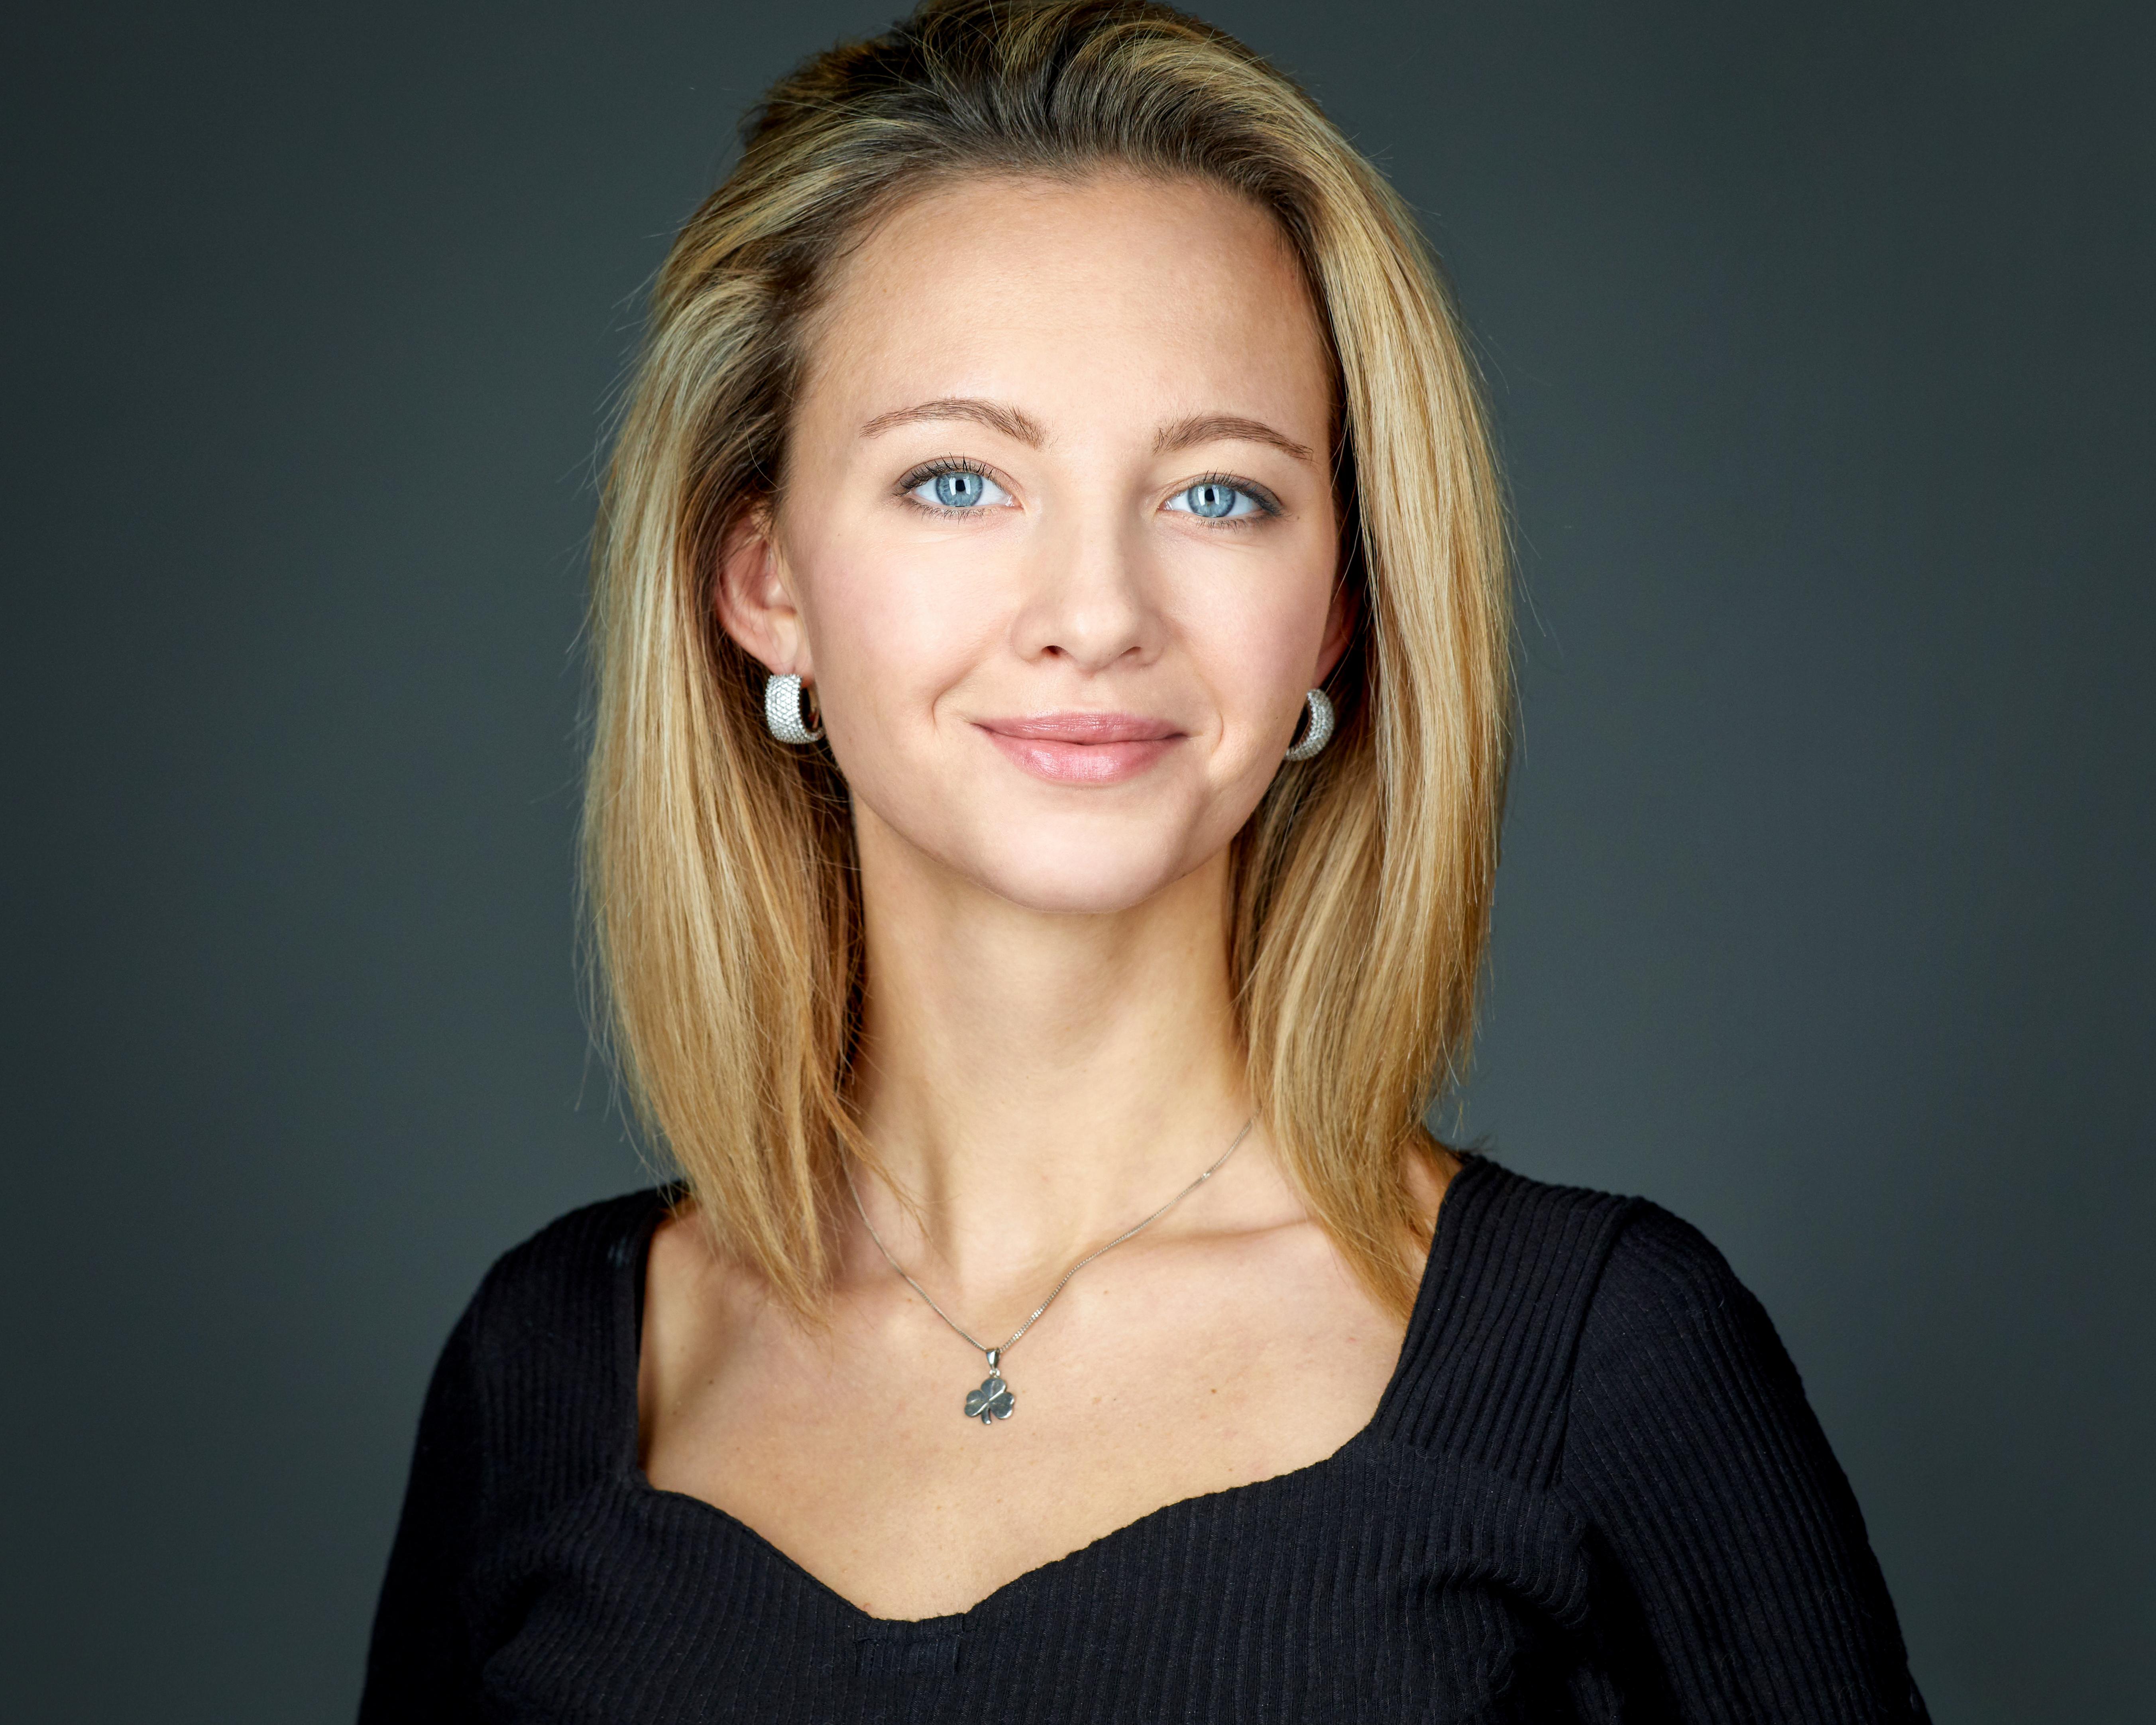 Екатерина Архипова, руководитель технической поддержки Brand Analytics